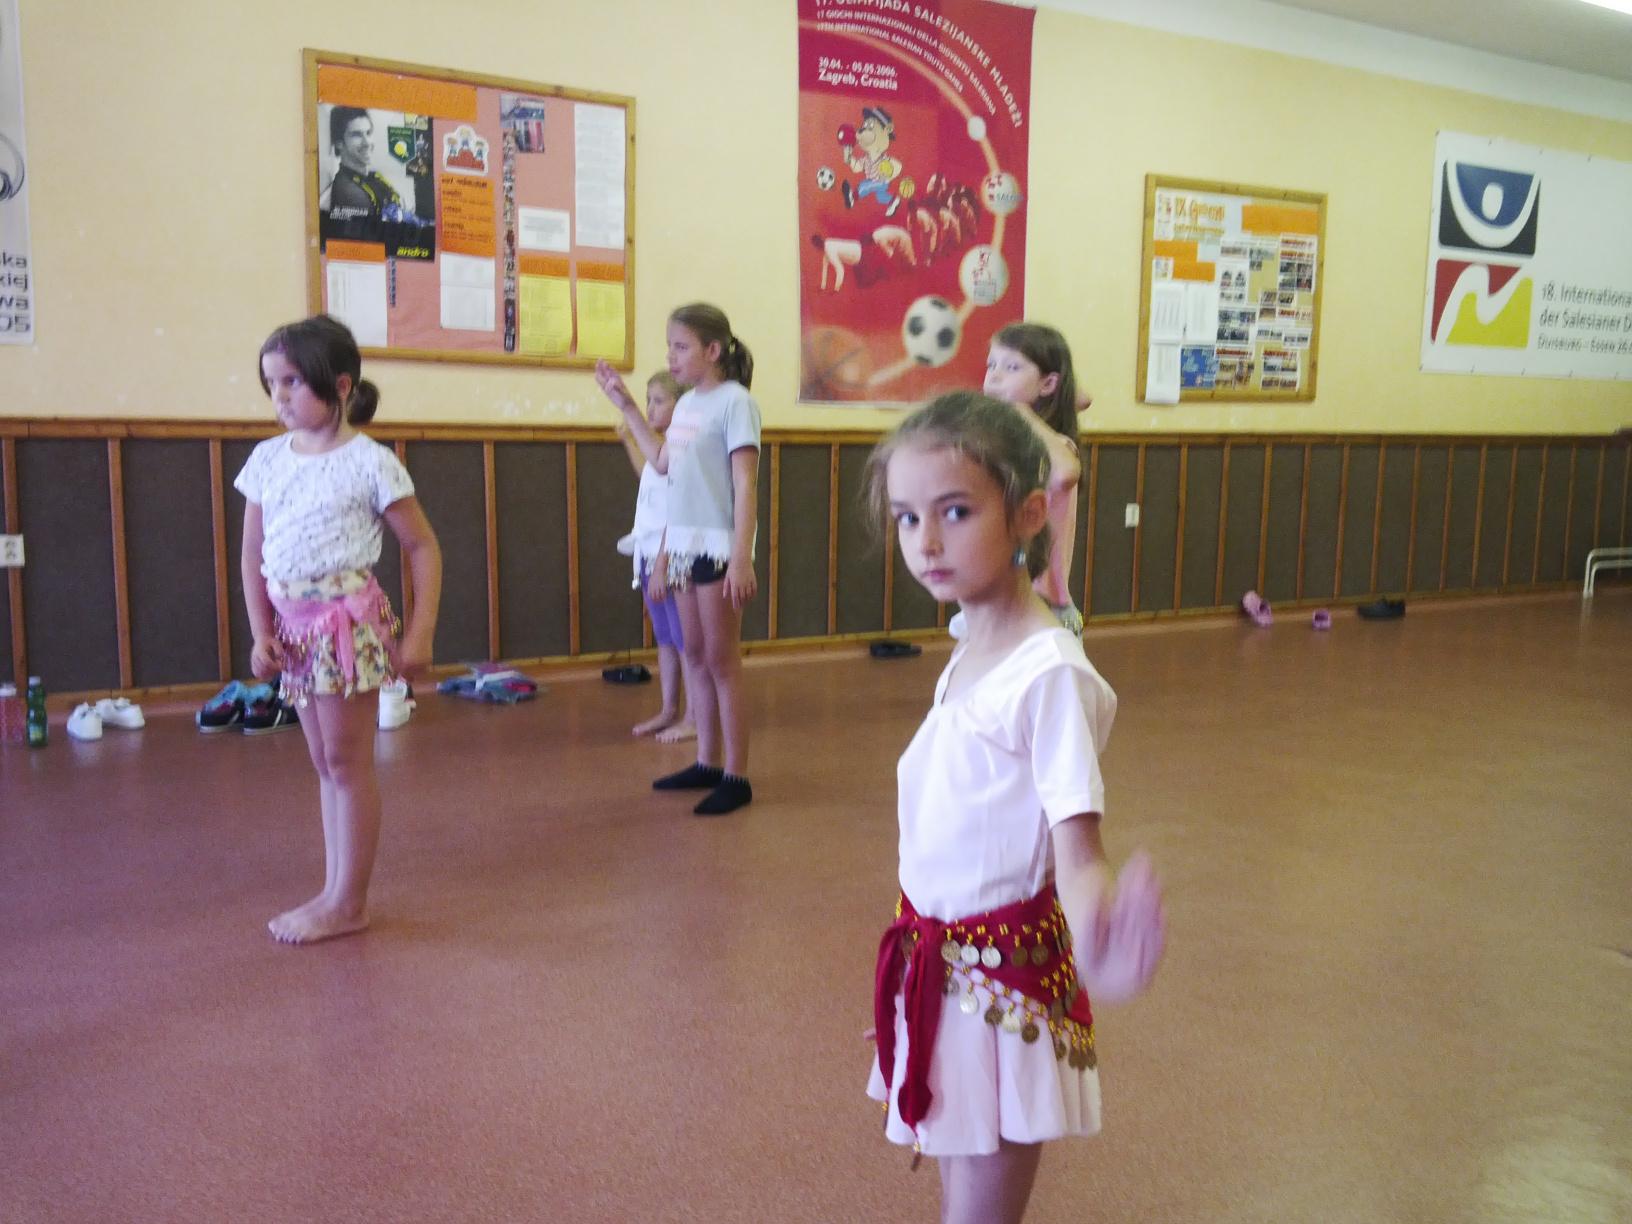 Svět hudby a tance